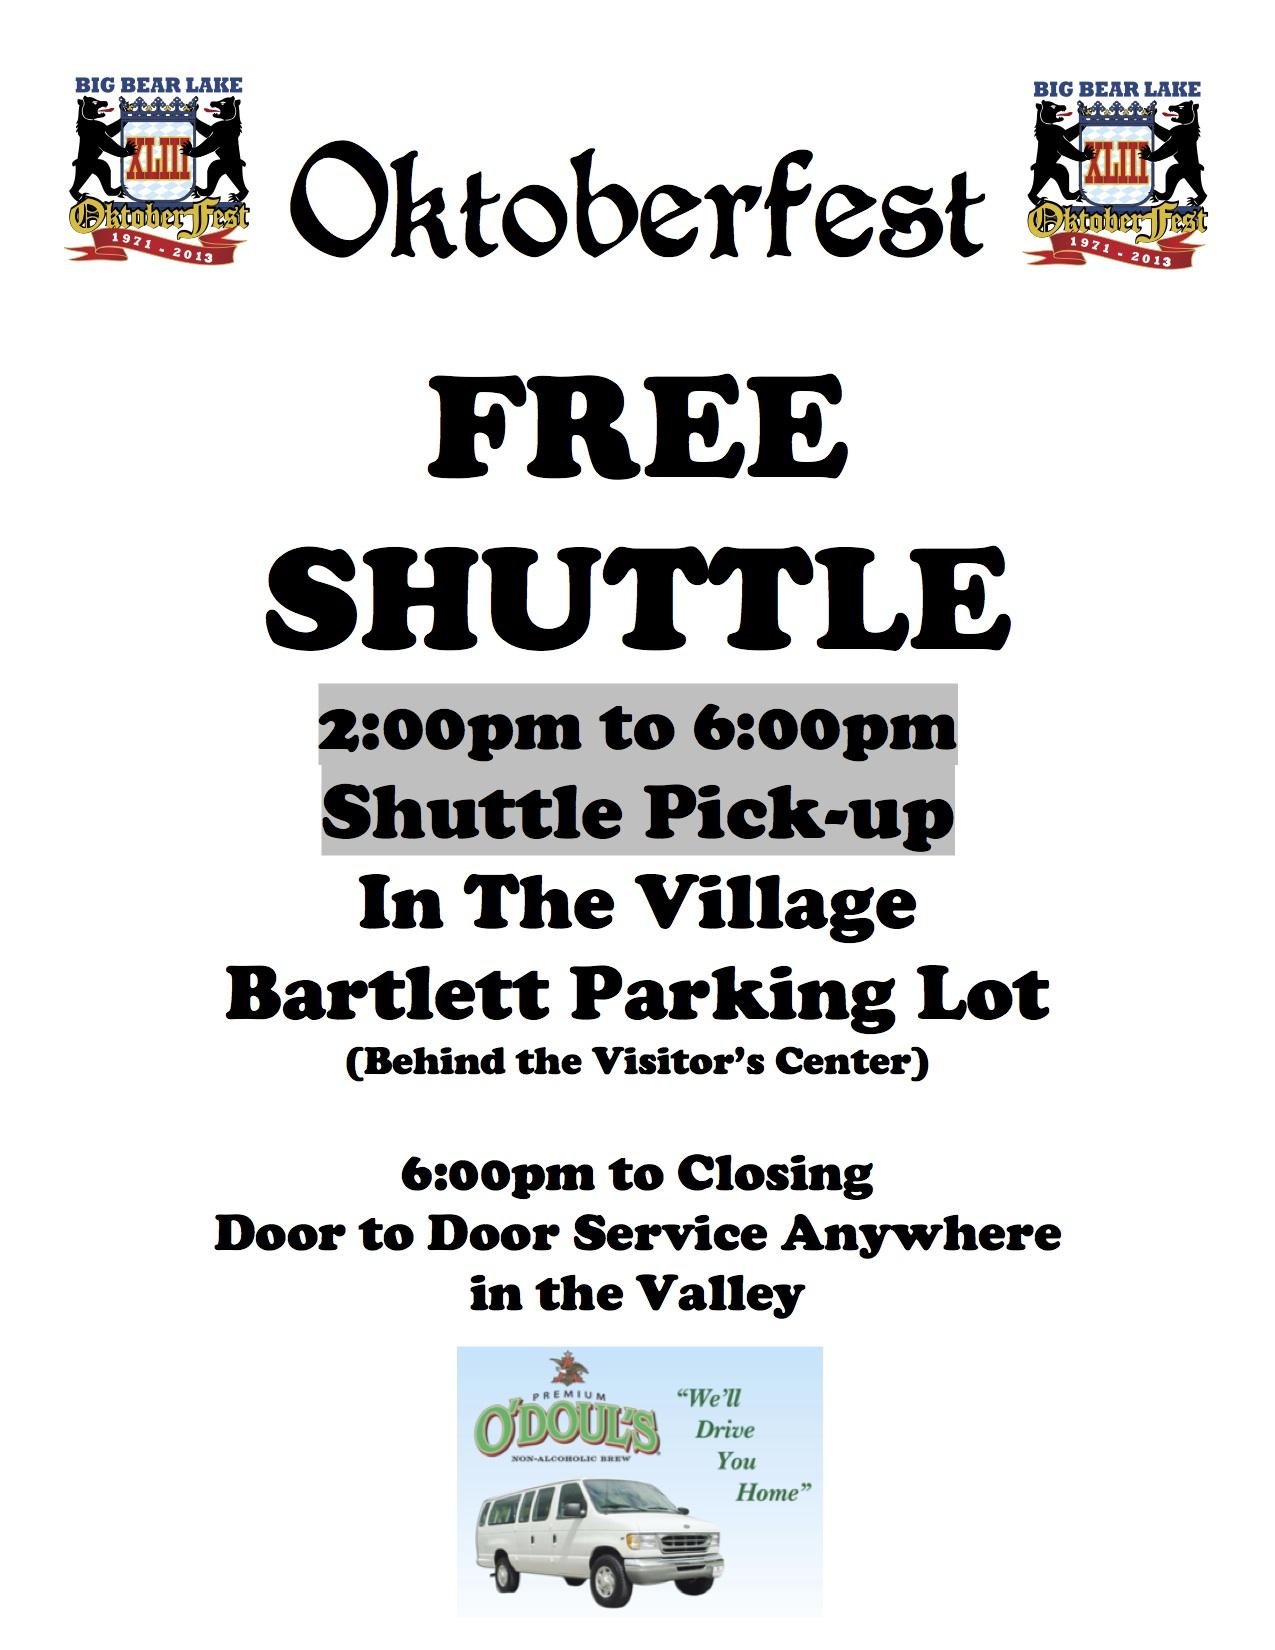 2013 Oktoberfest Free Shuttle Flyer